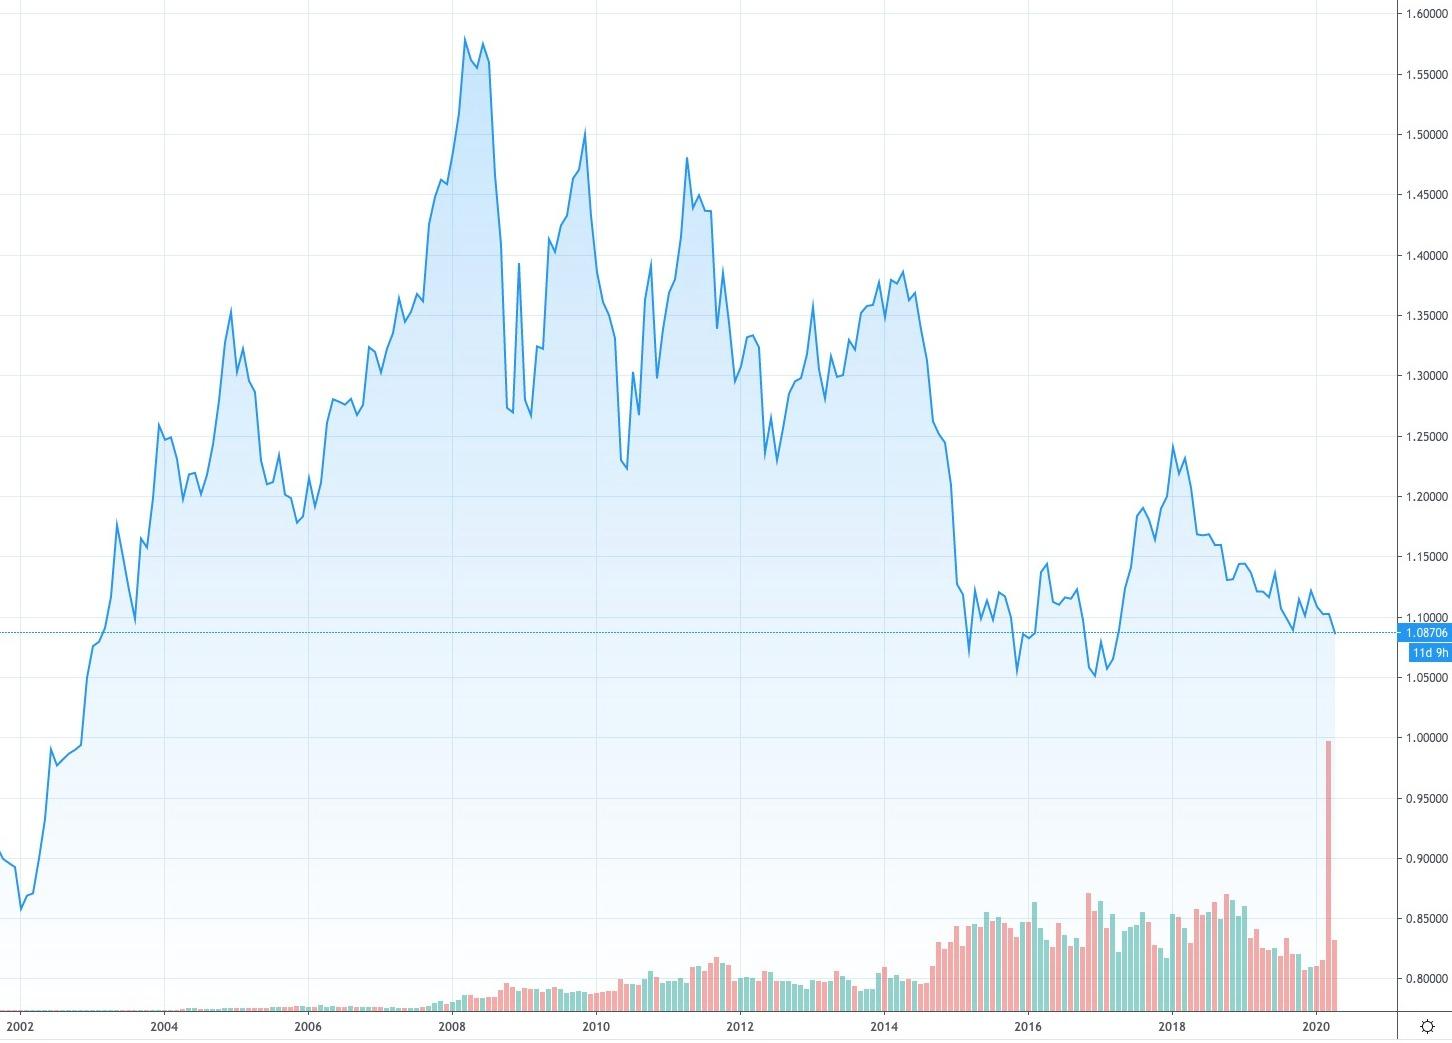 Come è cambiato il prezzo di iPhone dal 2008 ad oggi: l'analisi completa